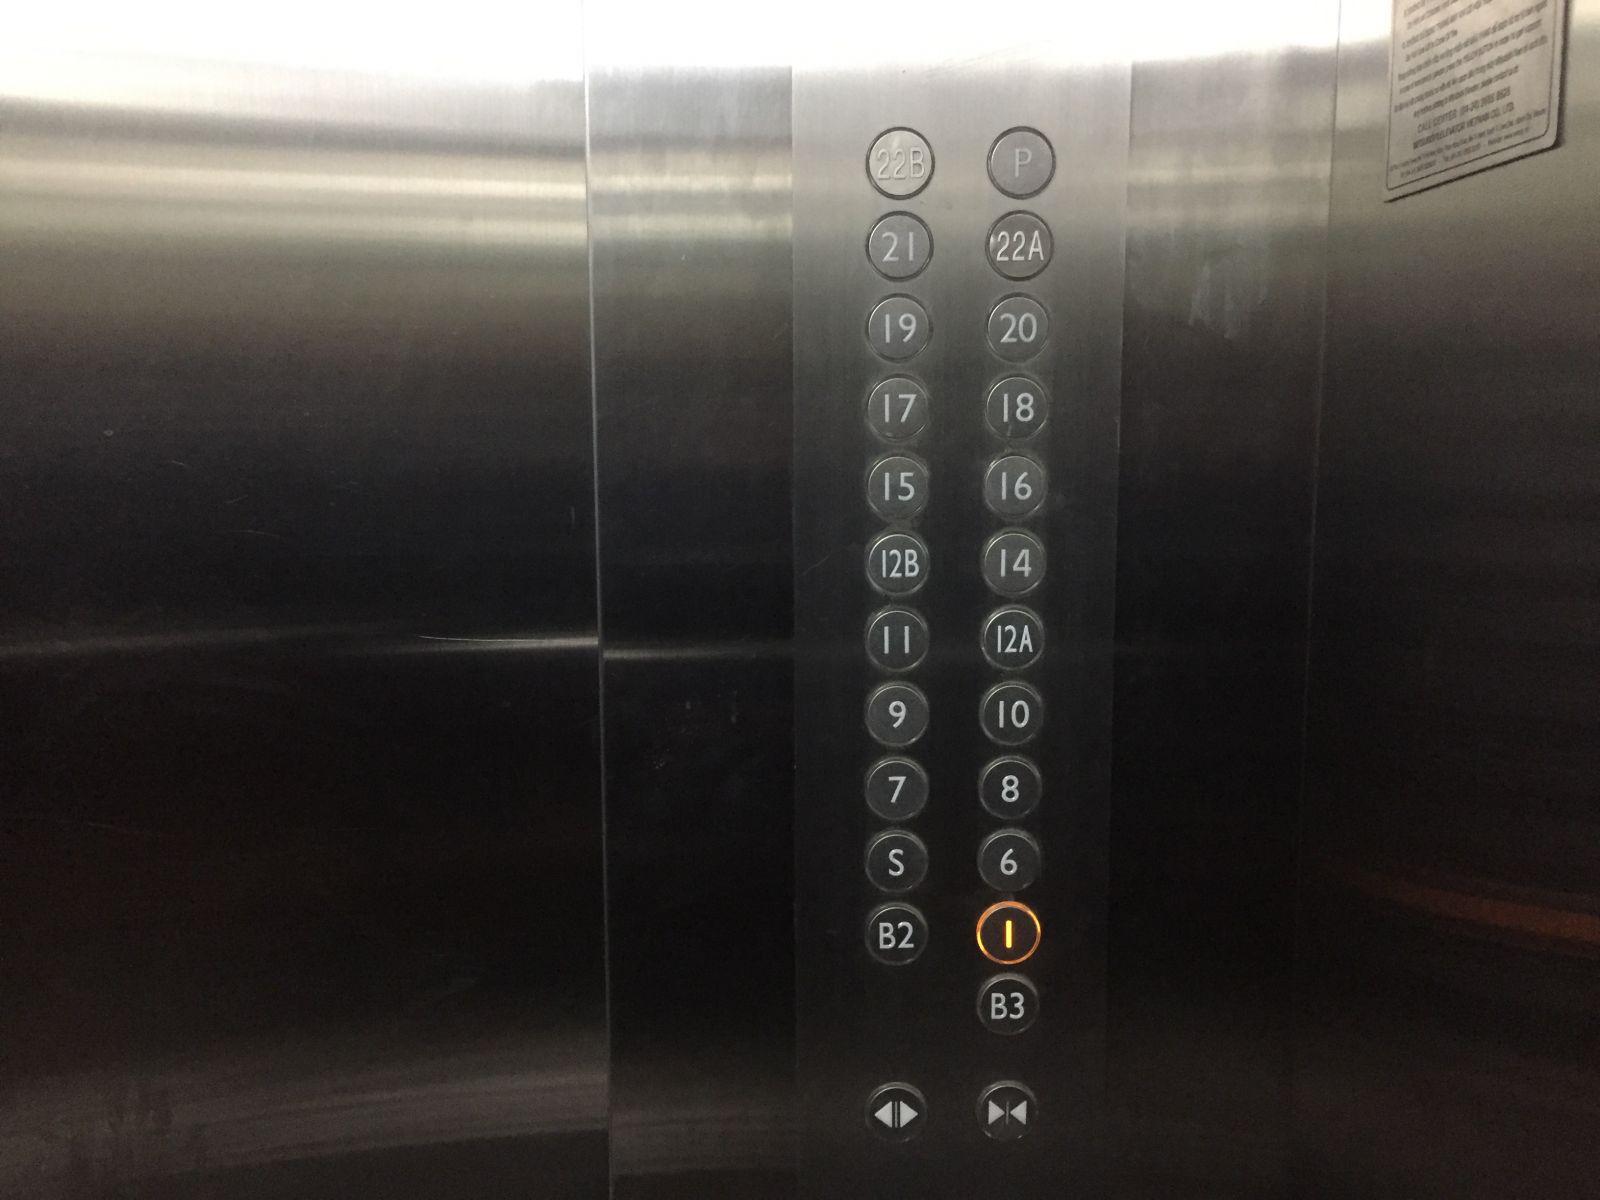 nhưng thang máy lại không có phím bấm tầng 24, 25, 26, 27.